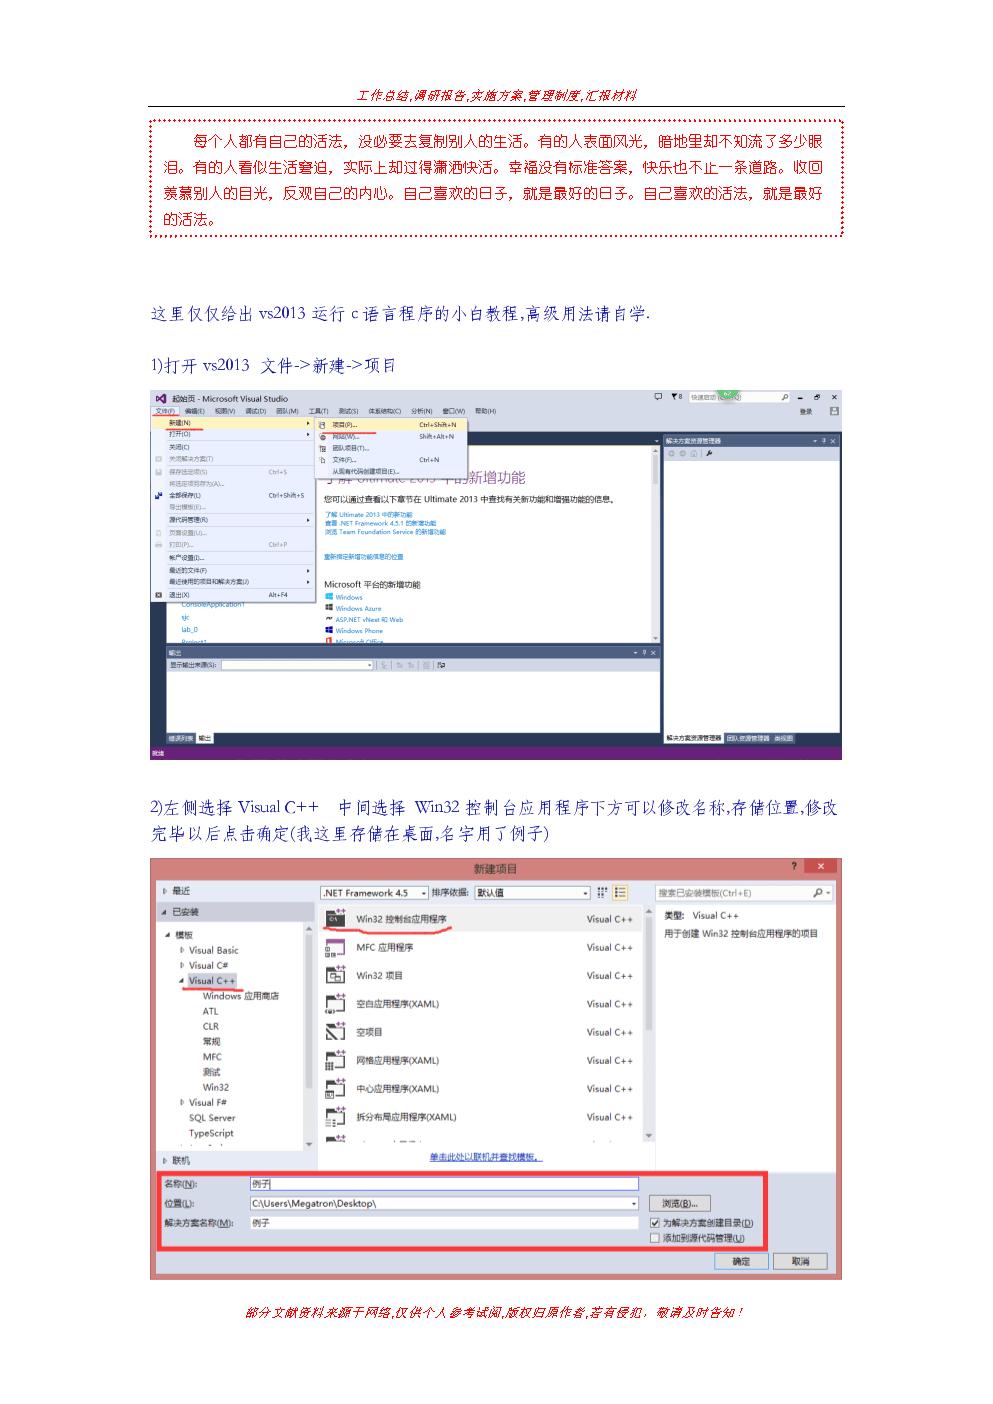 vs2013简易教程_图文版.docx